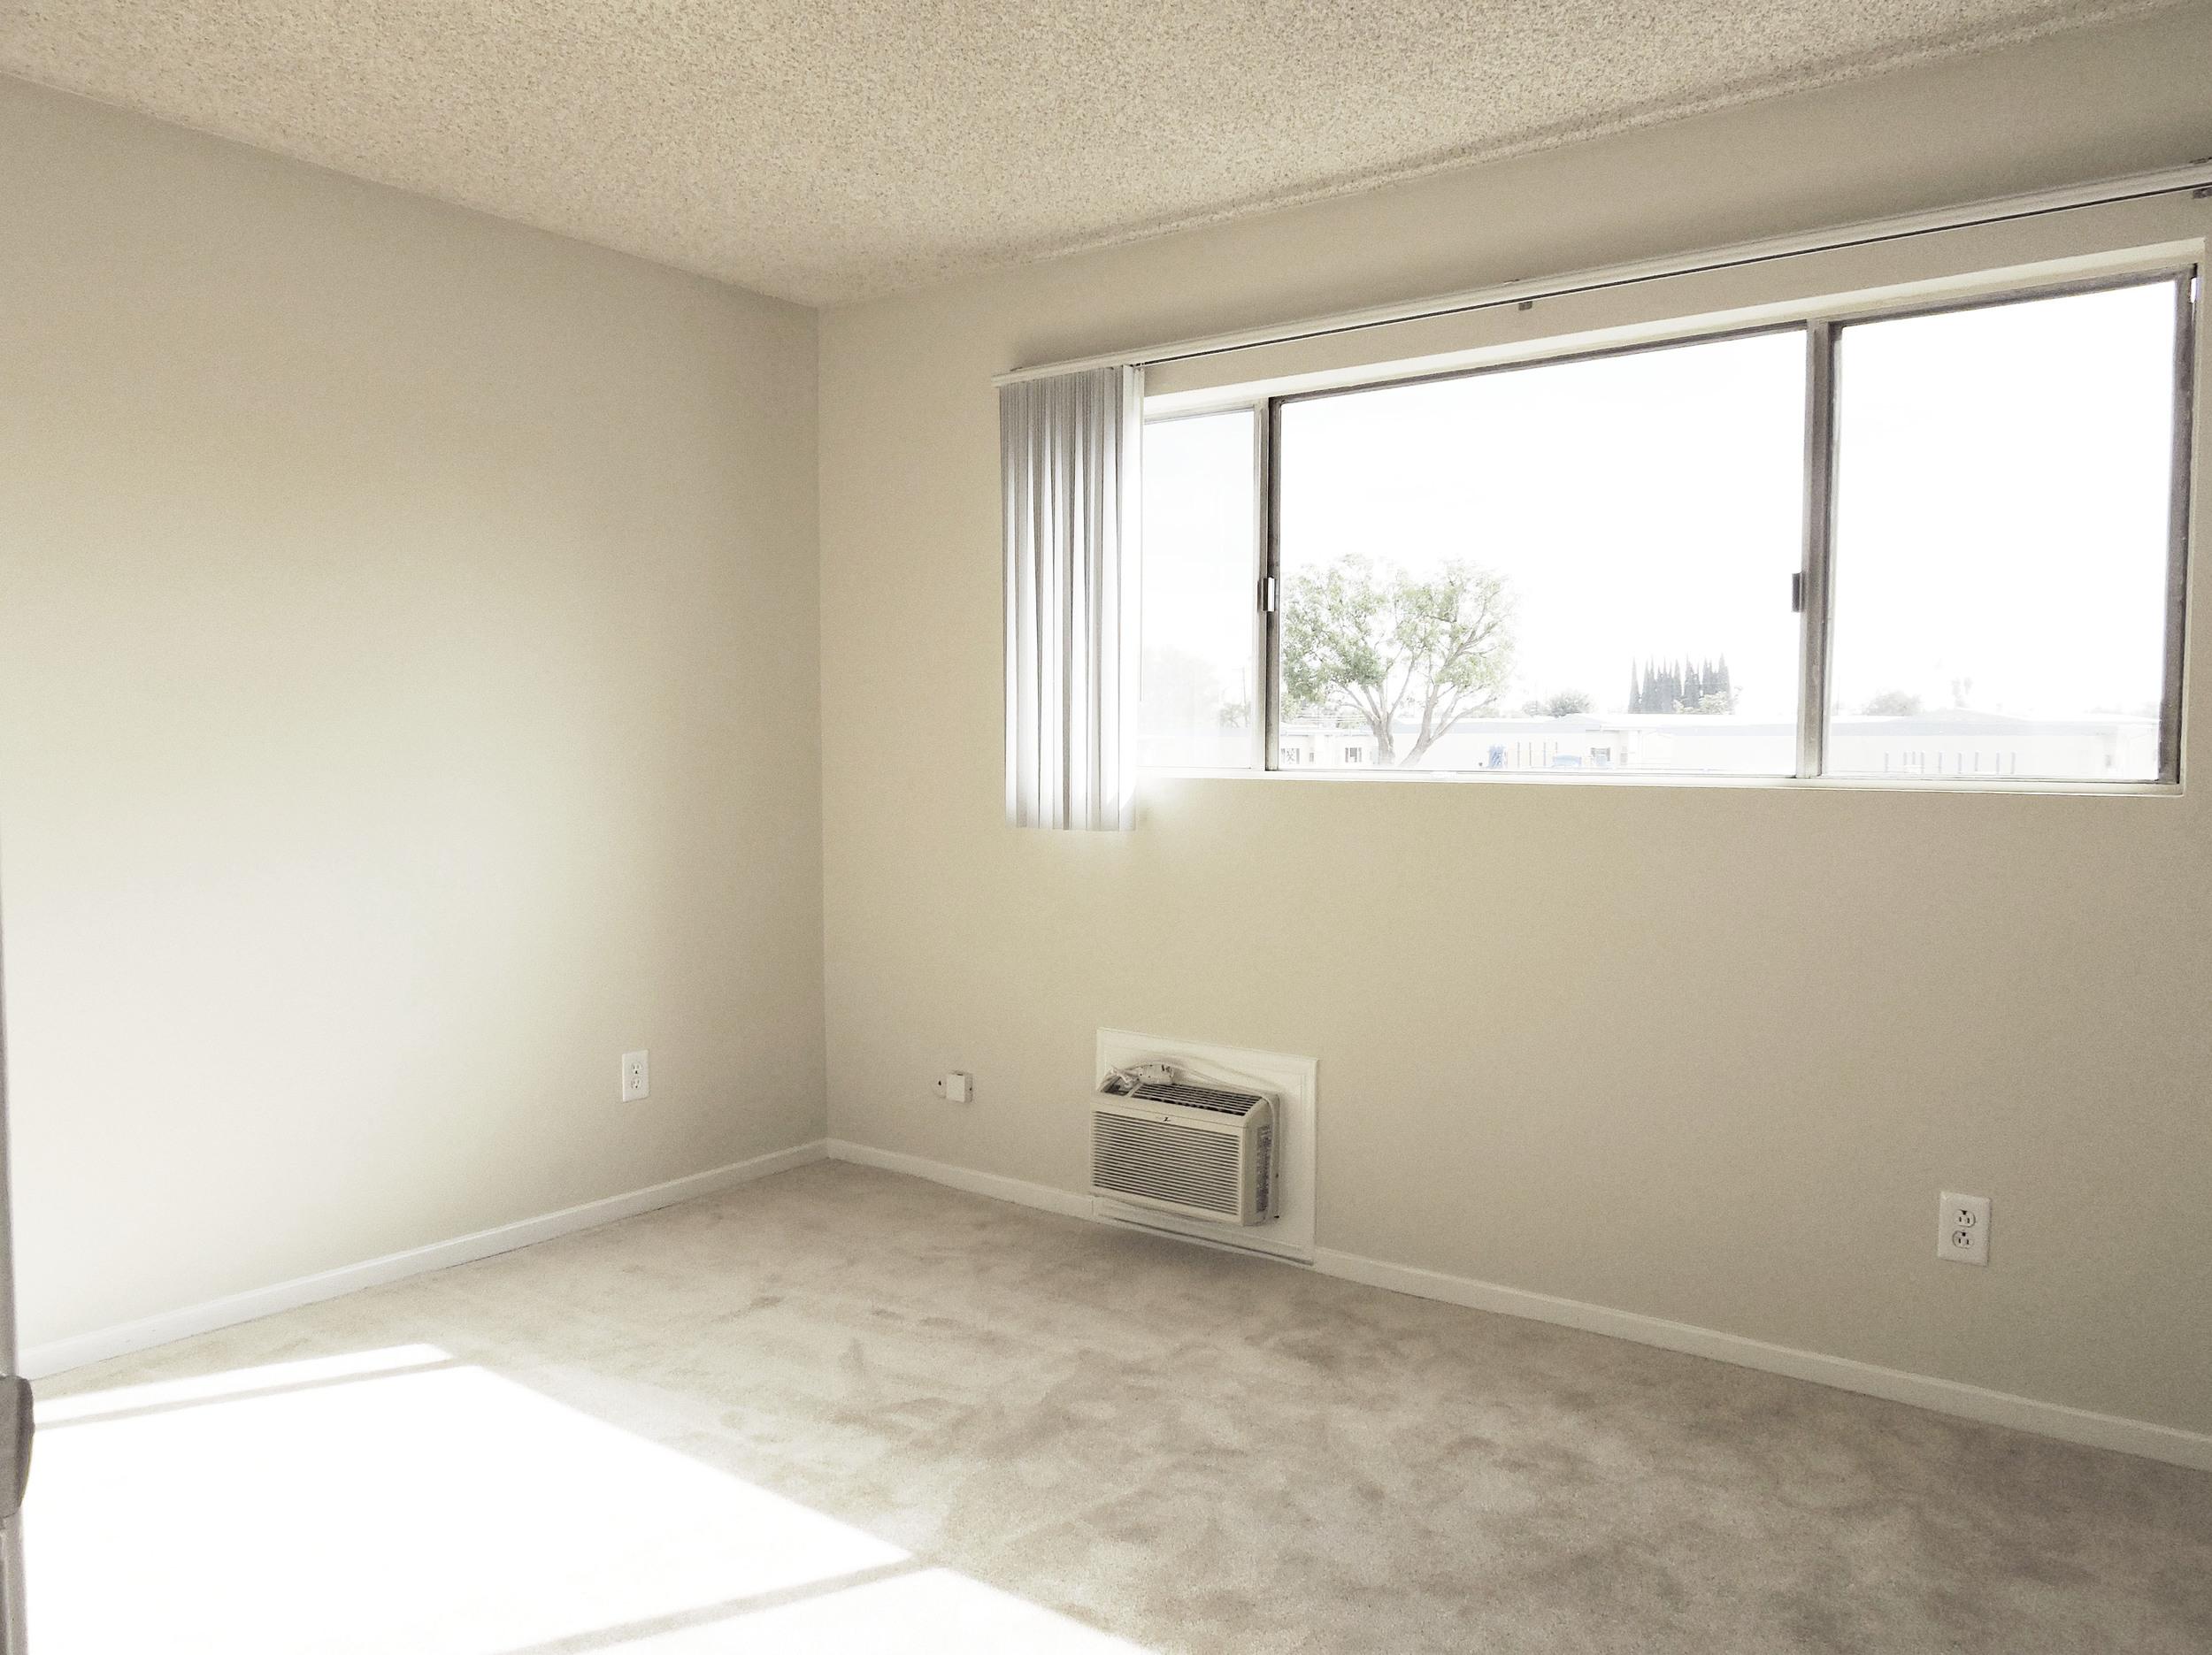 233 2nd bedroom2.jpg